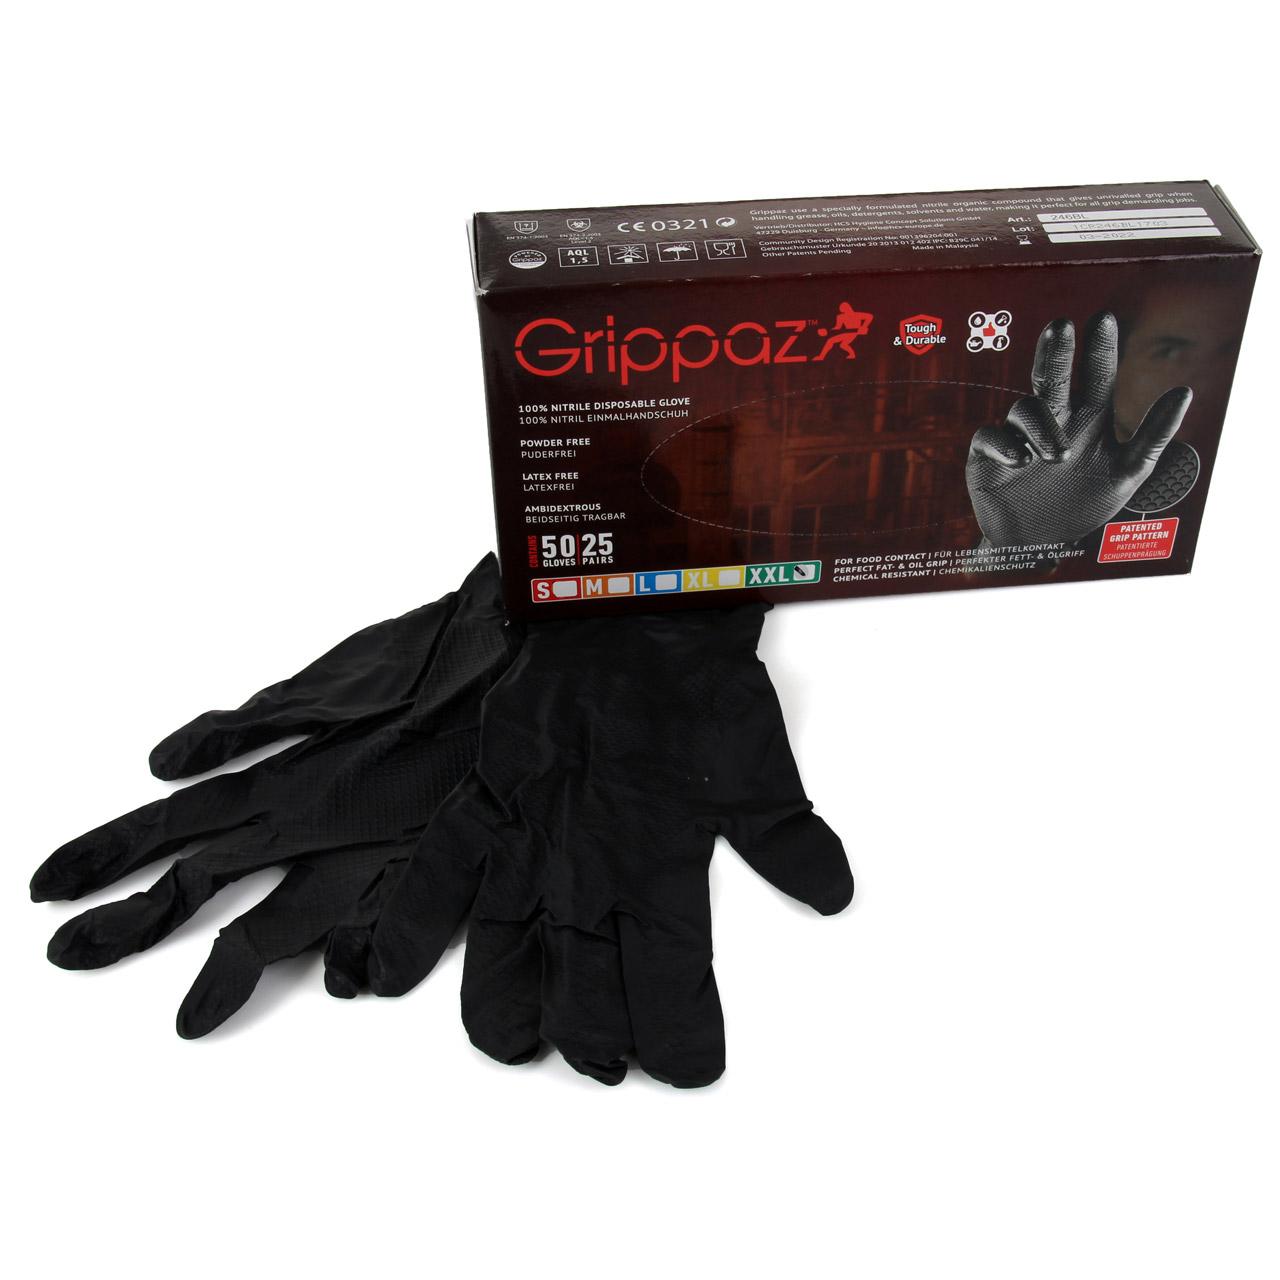 GRIPPAZ 246 Schutzhandschuhe NITRIL Handschuhe SCHWARZ Größe XXL (50 Stück)